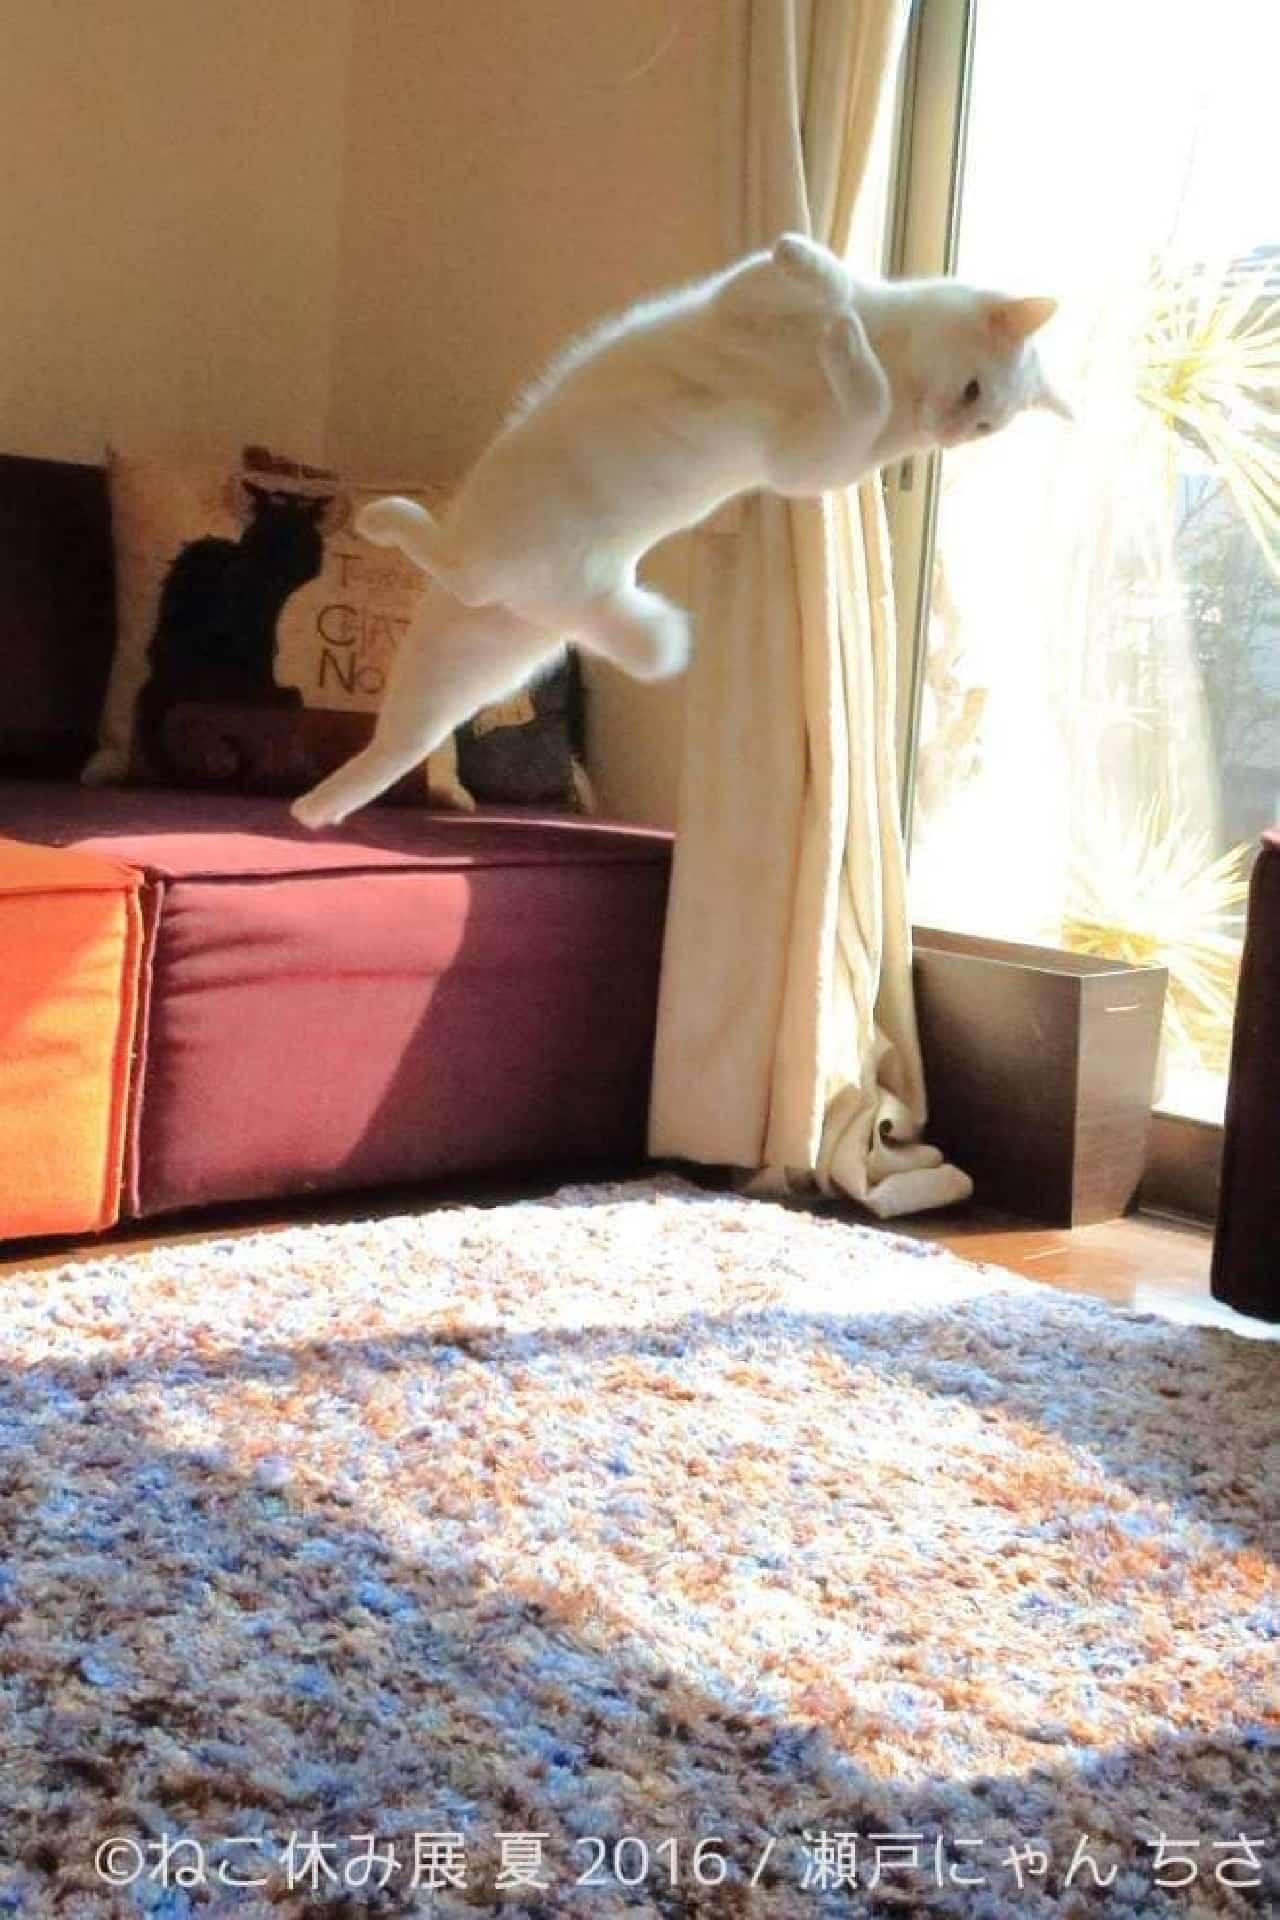 「無重力猫 とびっきり ミルコ!」を出版される瀬戸にゃん ちささんの写真